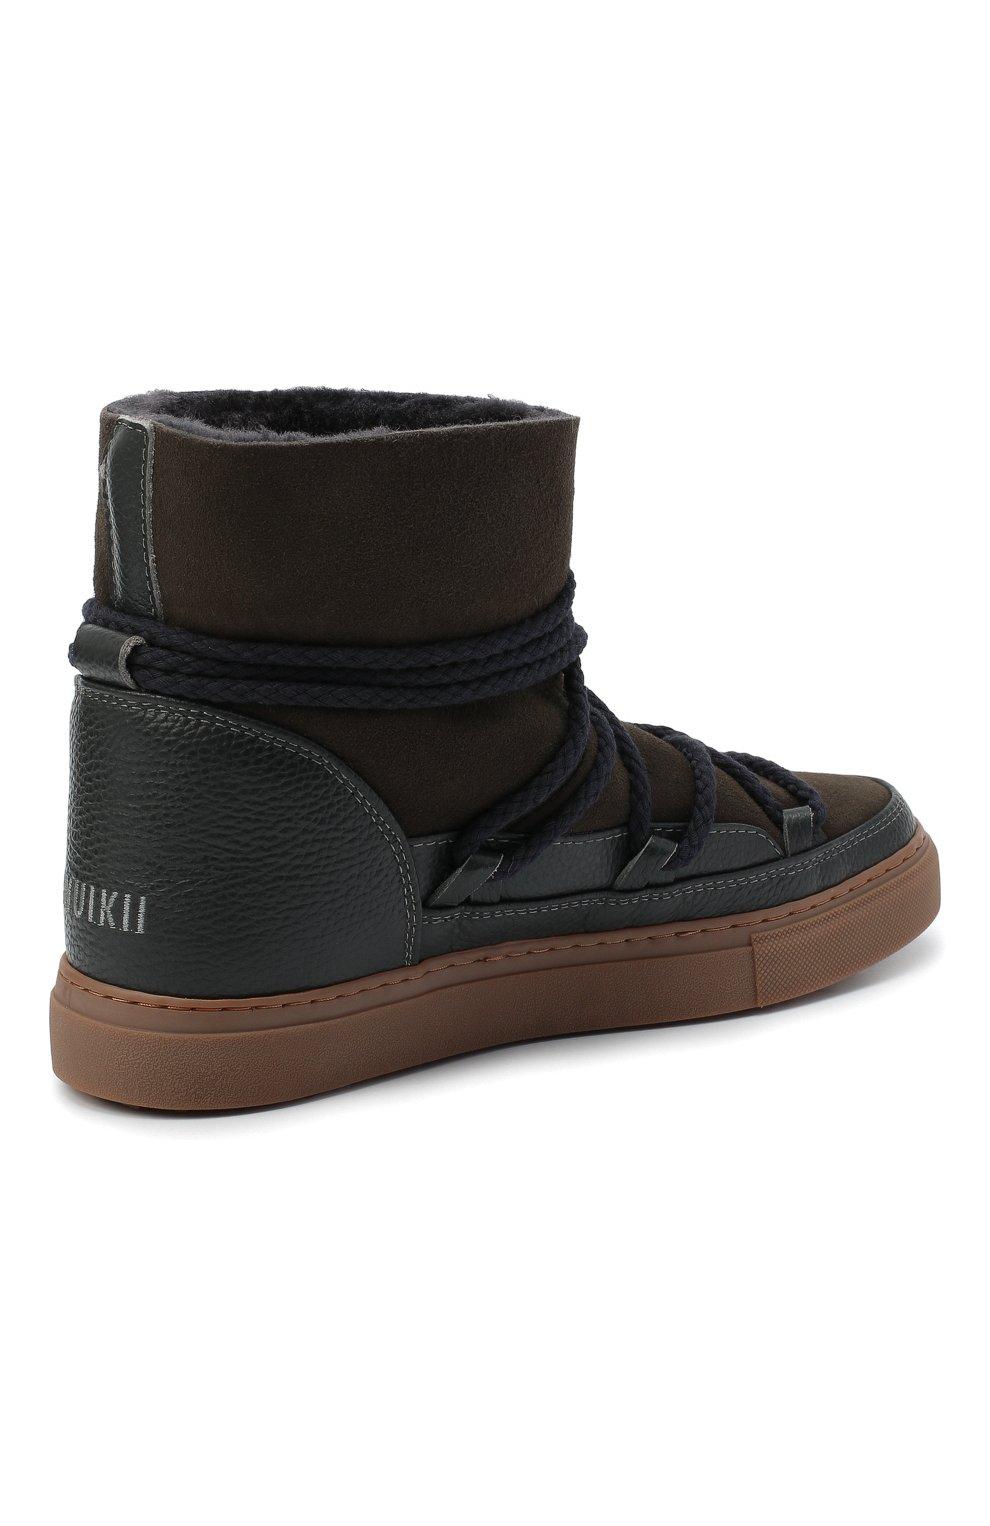 Мужские замшевые сапоги INUIKII коричневого цвета, арт. 50202-1 | Фото 4 (Материал утеплителя: Натуральный мех; Мужское Кросс-КТ: зимние сапоги, Сапоги-обувь; Подошва: Массивная; Материал внешний: Замша)